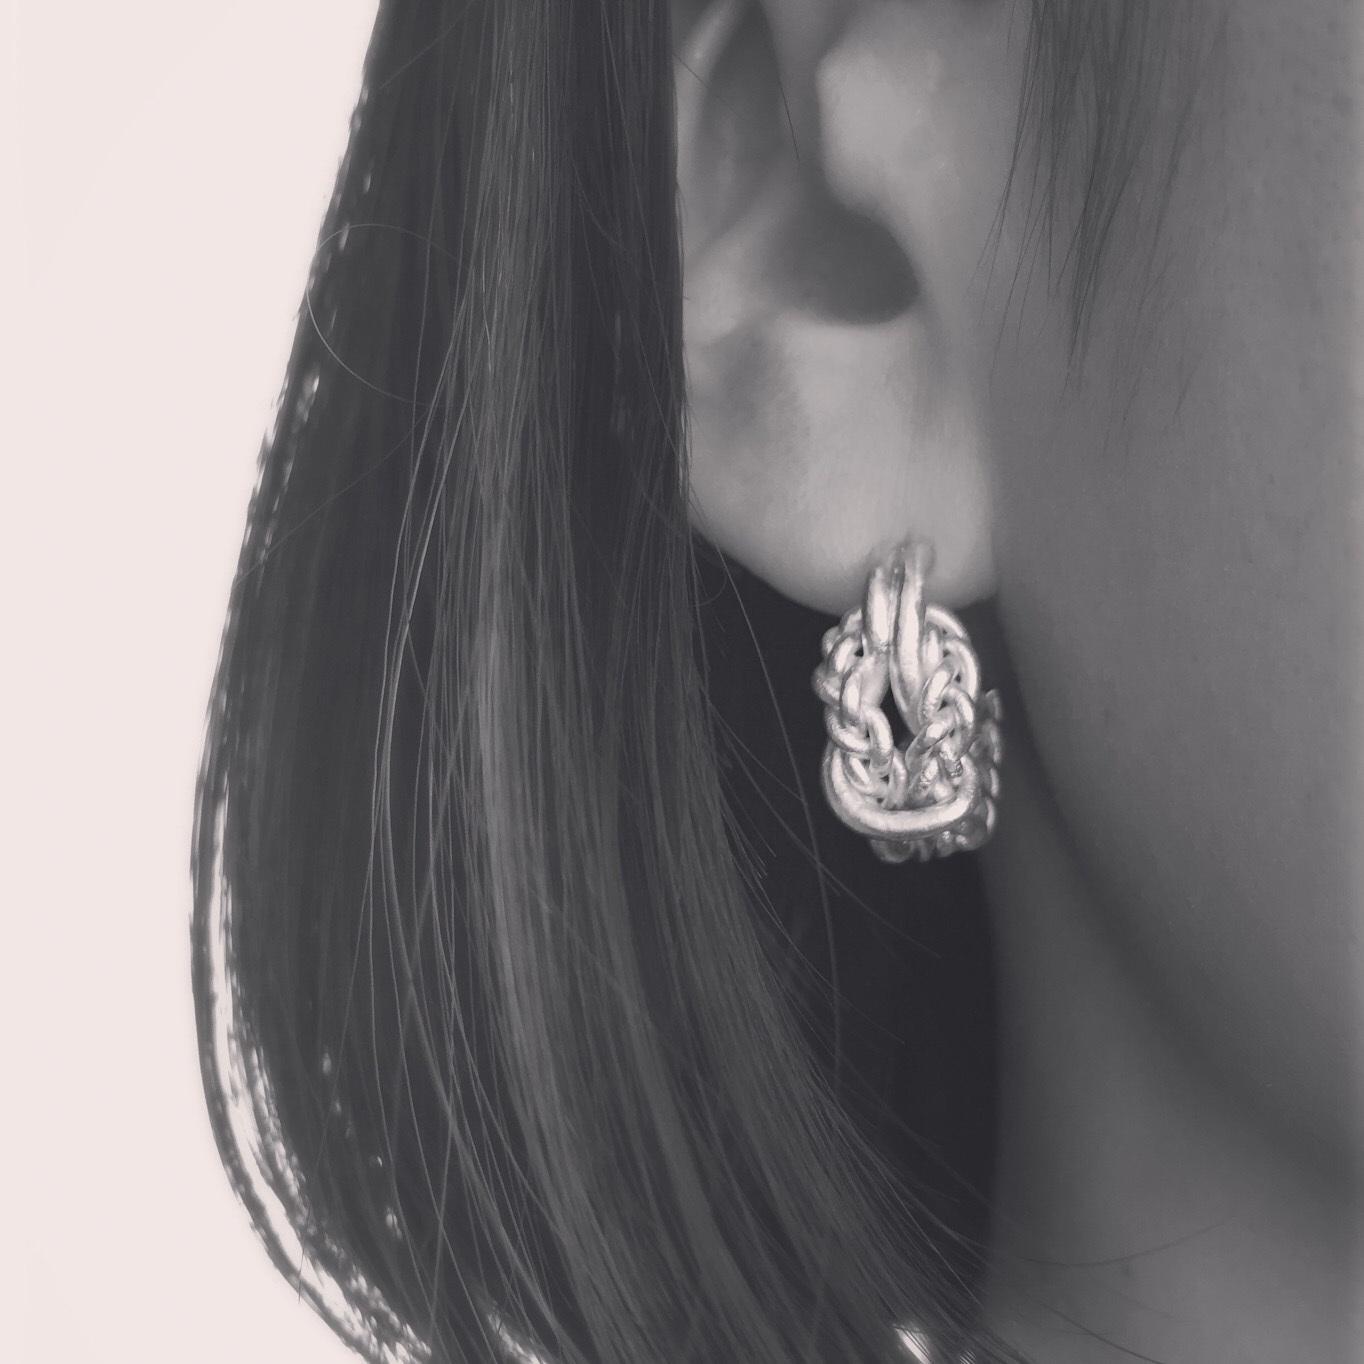 Knitted hoop pierced earrings